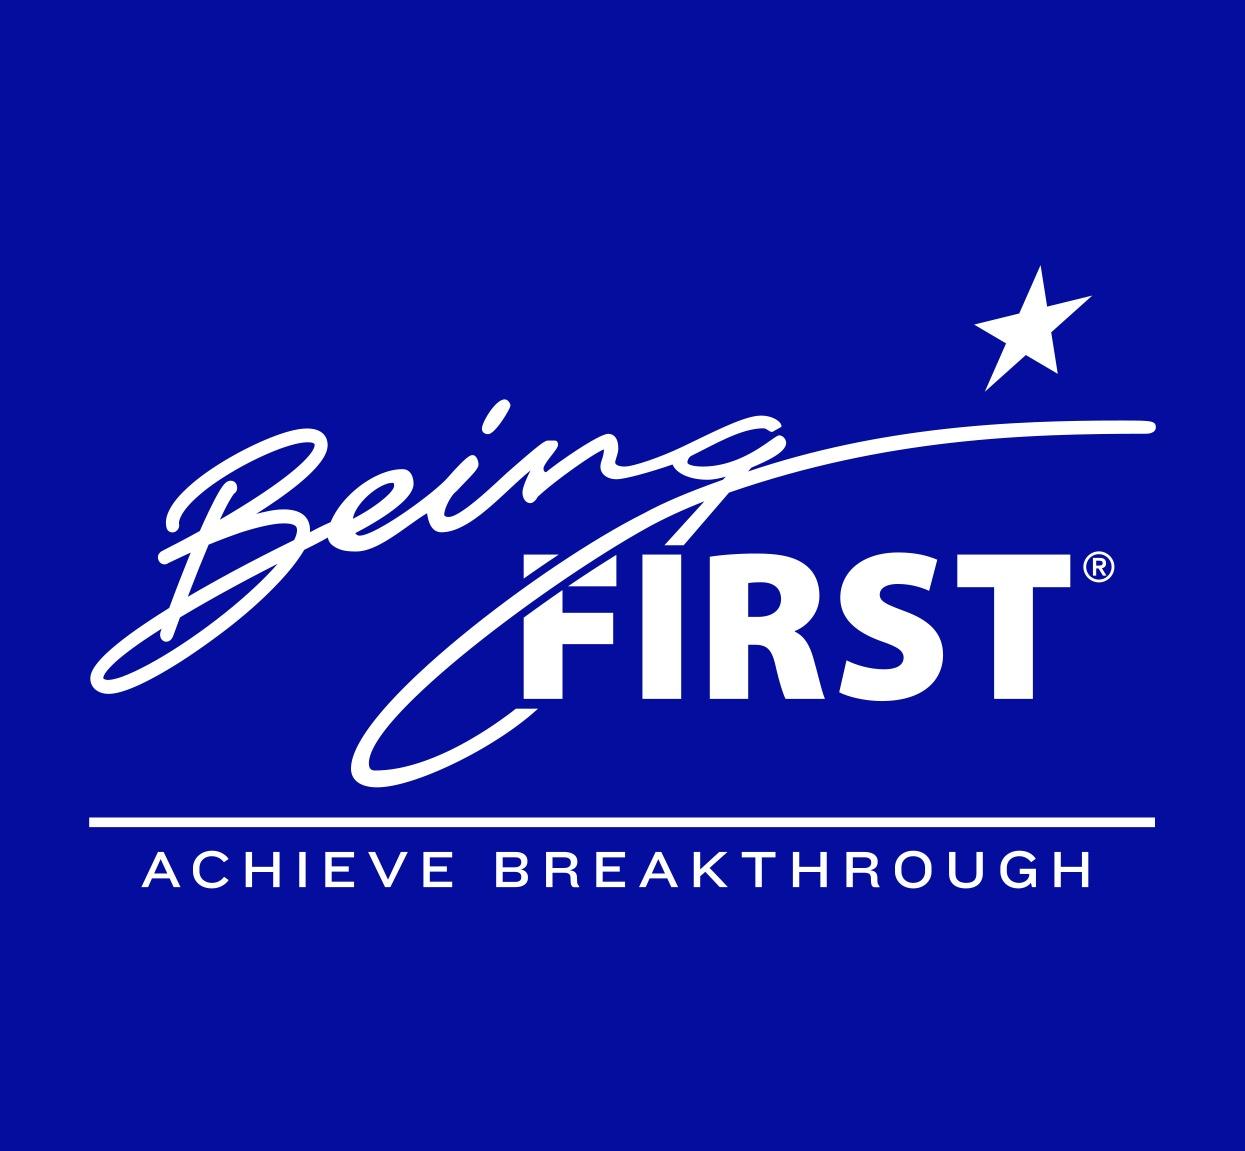 Being First | Achieve Breakthrough